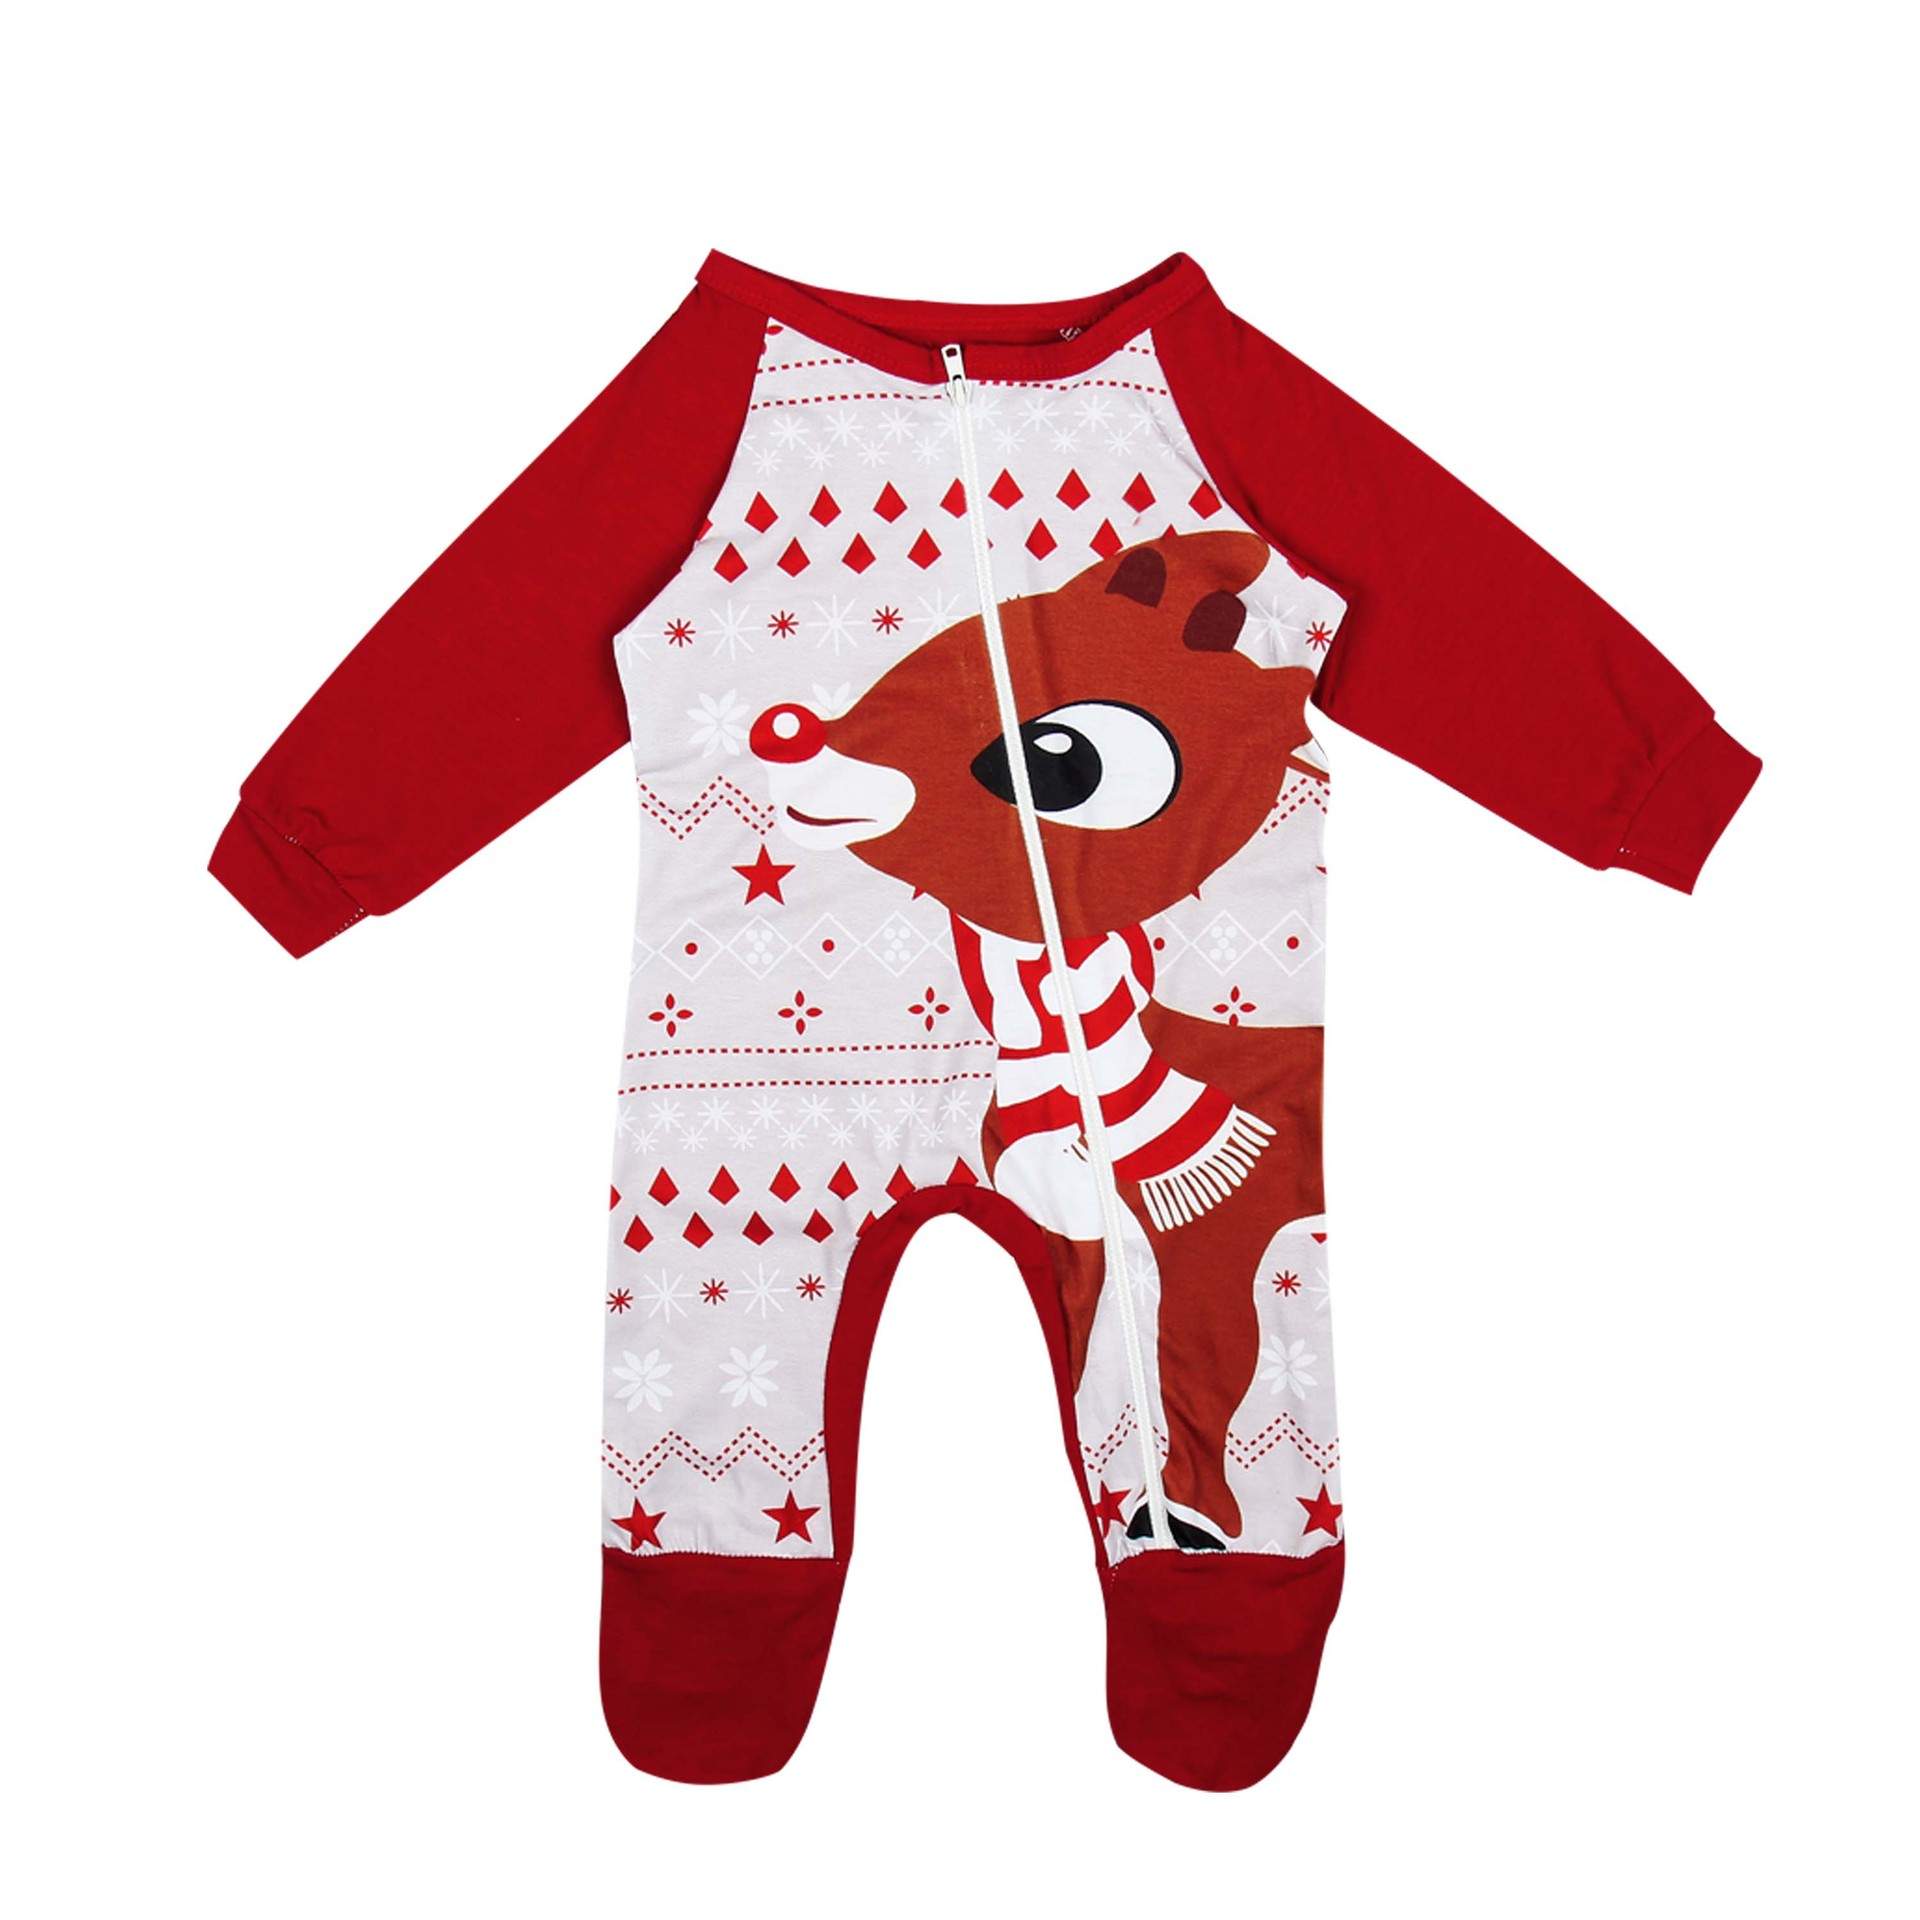 14 Styles Family Matching Christmas Pajamas Sets XMAS Sleepwear ...